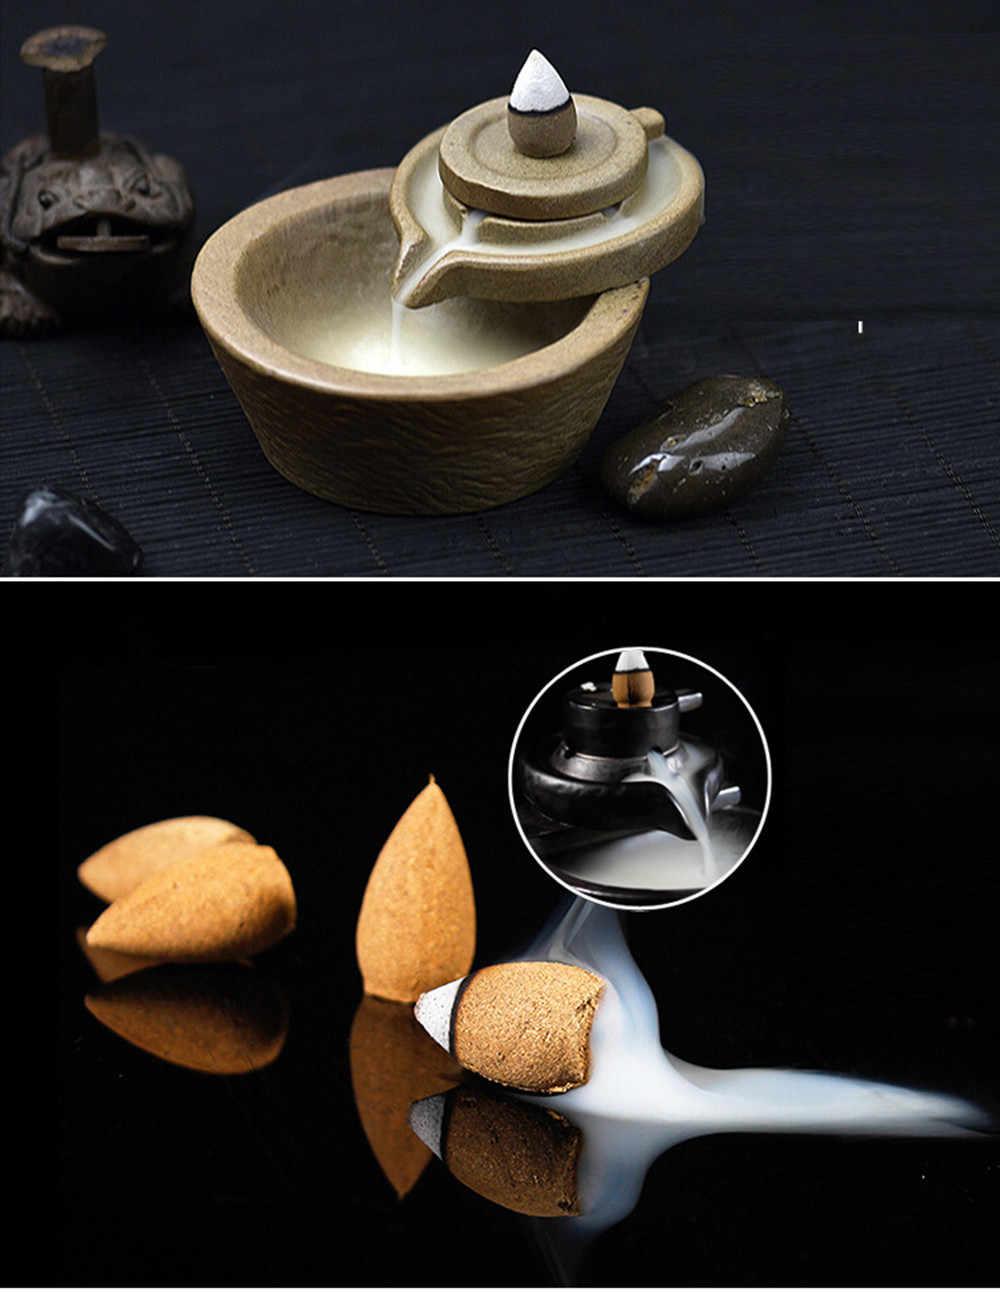 10 piezas aromas naturales reflujo Torre incienso sándalo humo conos reflujo Torre reflujo conos de incienso de bala al por mayor 1J3